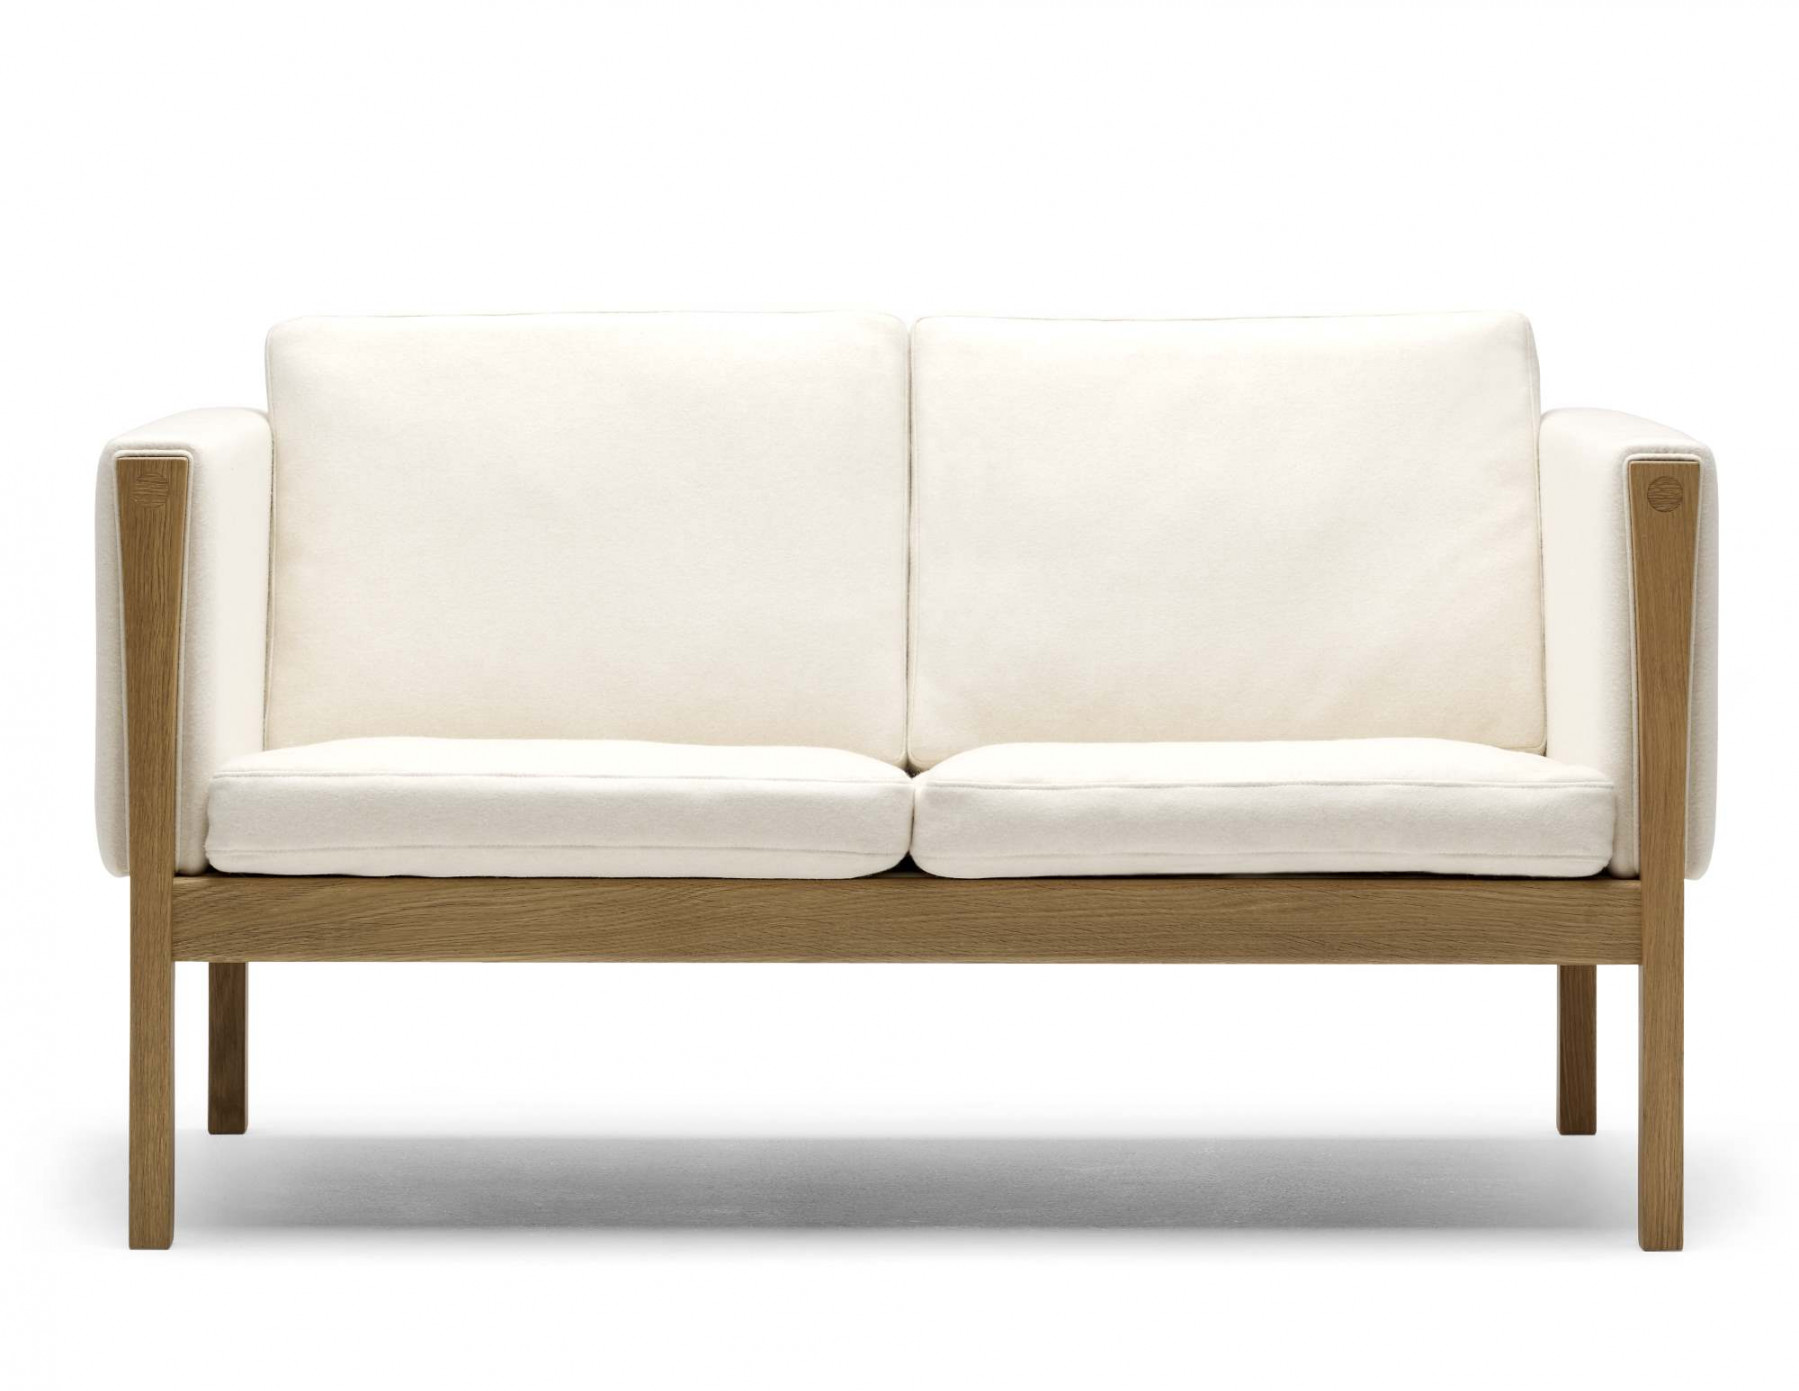 Full Size of Zweisitzer Sofa Ch162 Carl Hansen Sn Einrichten Designde Chesterfield Gebraucht Altes Landhausstil Grau Stoff Comfortmaster Ebay Aus Matratzen L Form Sofa Zweisitzer Sofa